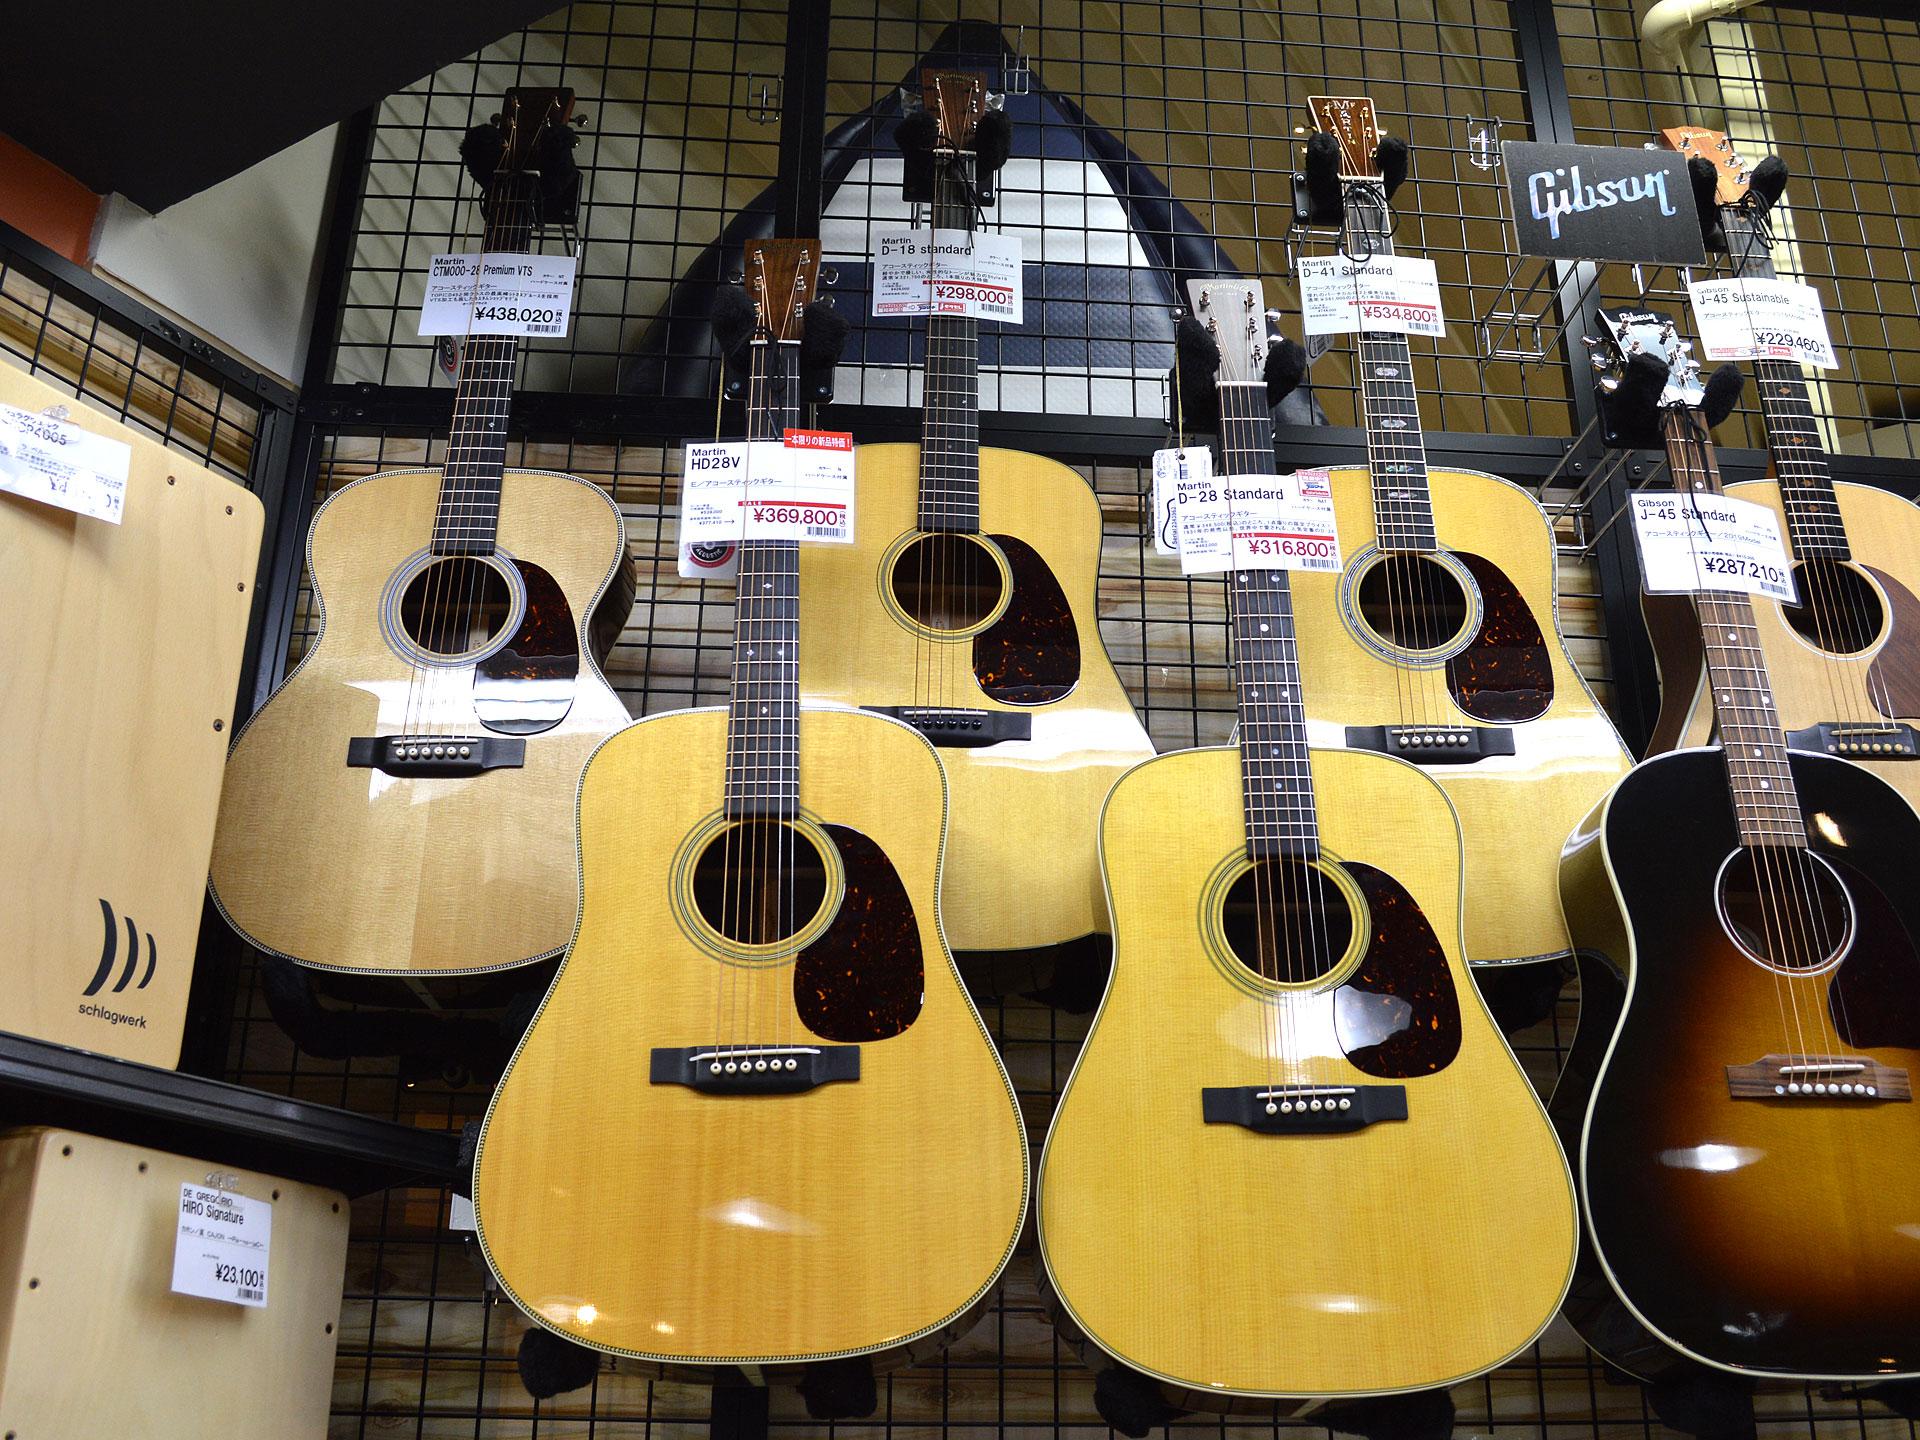 Martinアコースティックギター店頭画像